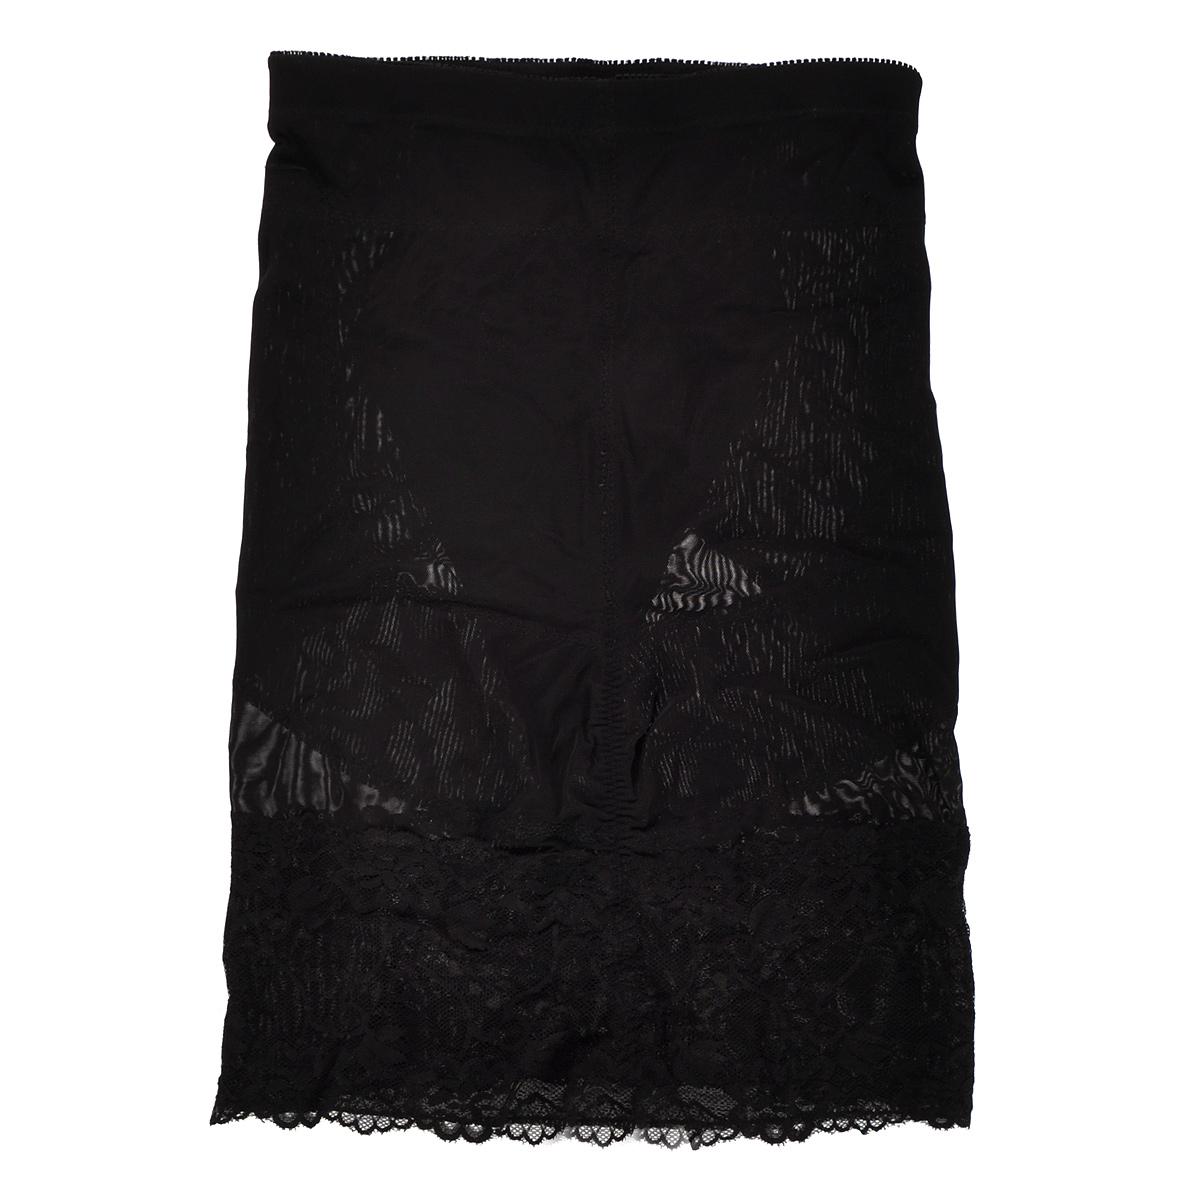 Юбка Magic BodyFashion Super-Control Skirt, супер-утягивающая, цвет: черный. 14CS. Размер L (48)